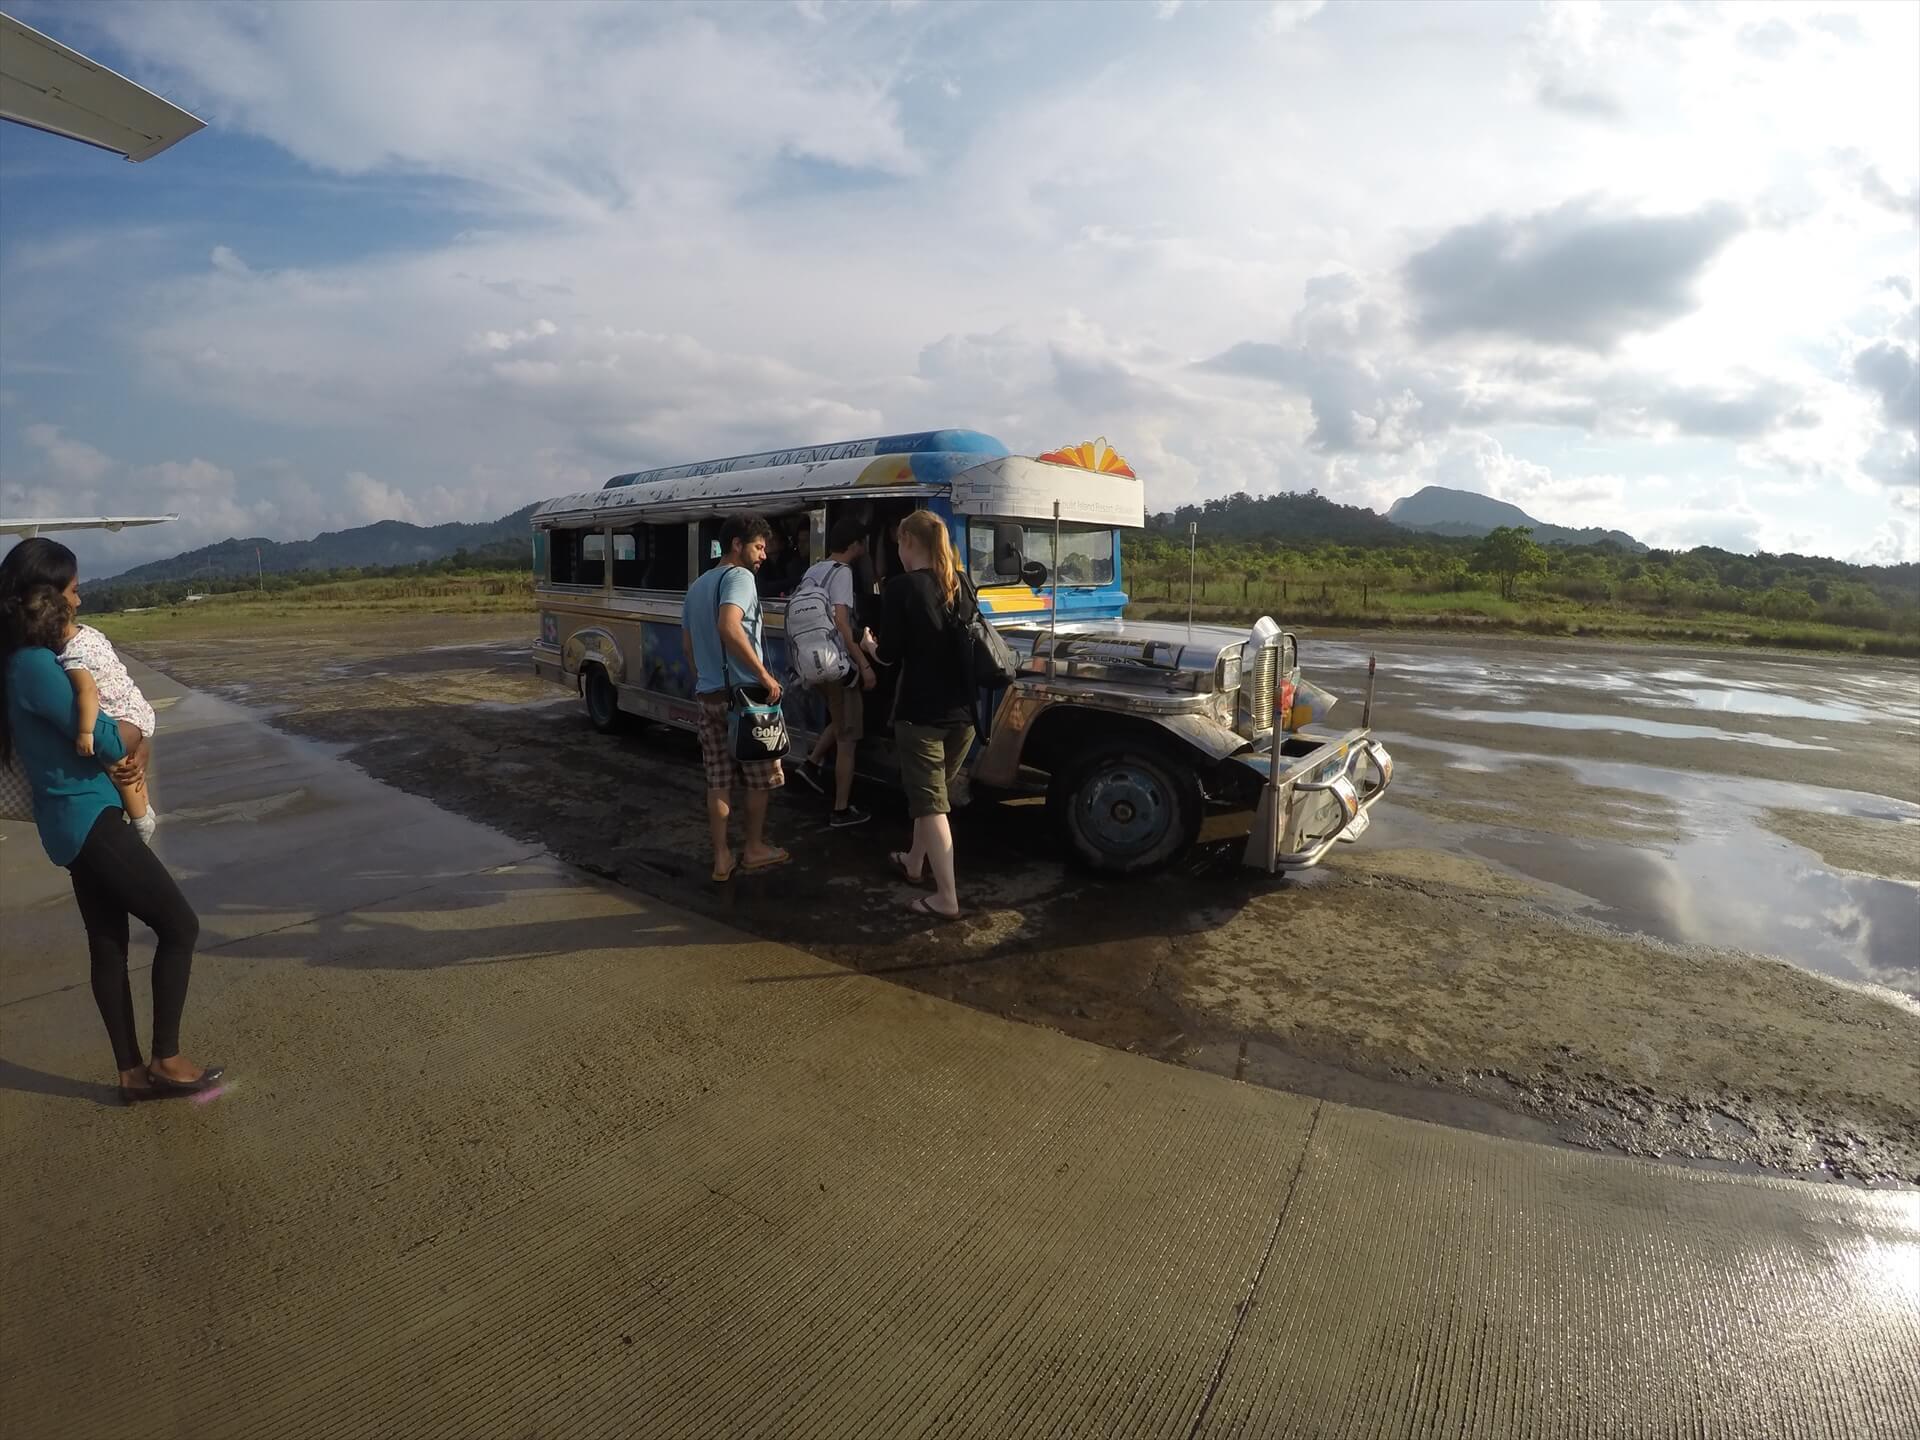 エルニド空港のバスの写真画像